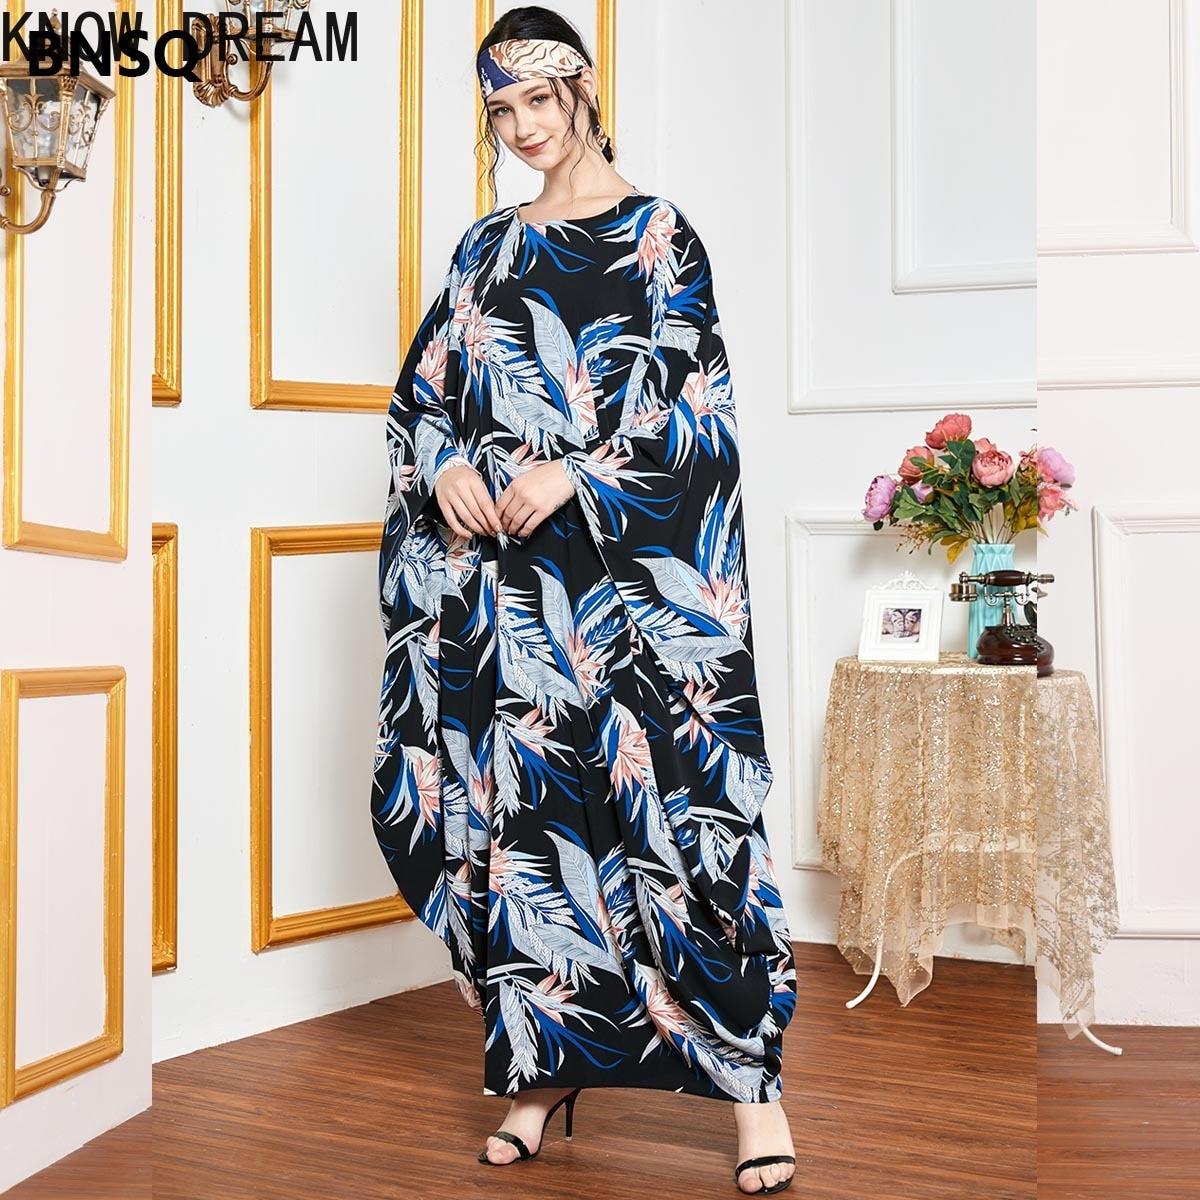 Узнайте мечта облегающее платье с изображением кошки Для женщин плиссированное платье летнее платье Для женщин платье